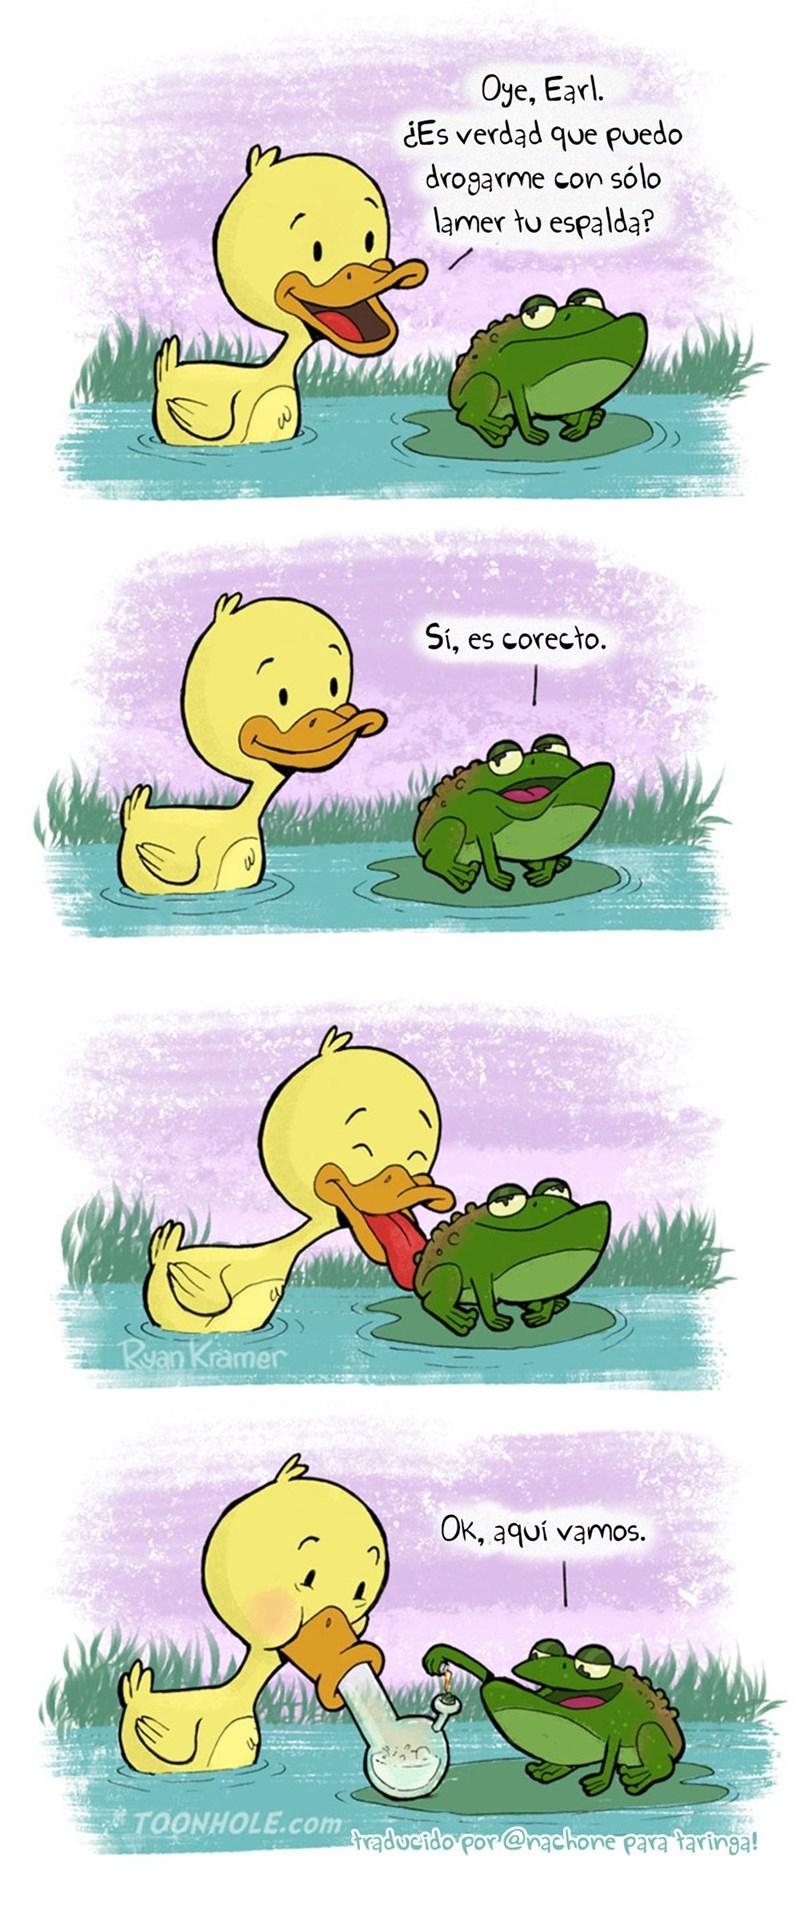 cuando un pato le pregunta a un sapo si se droga